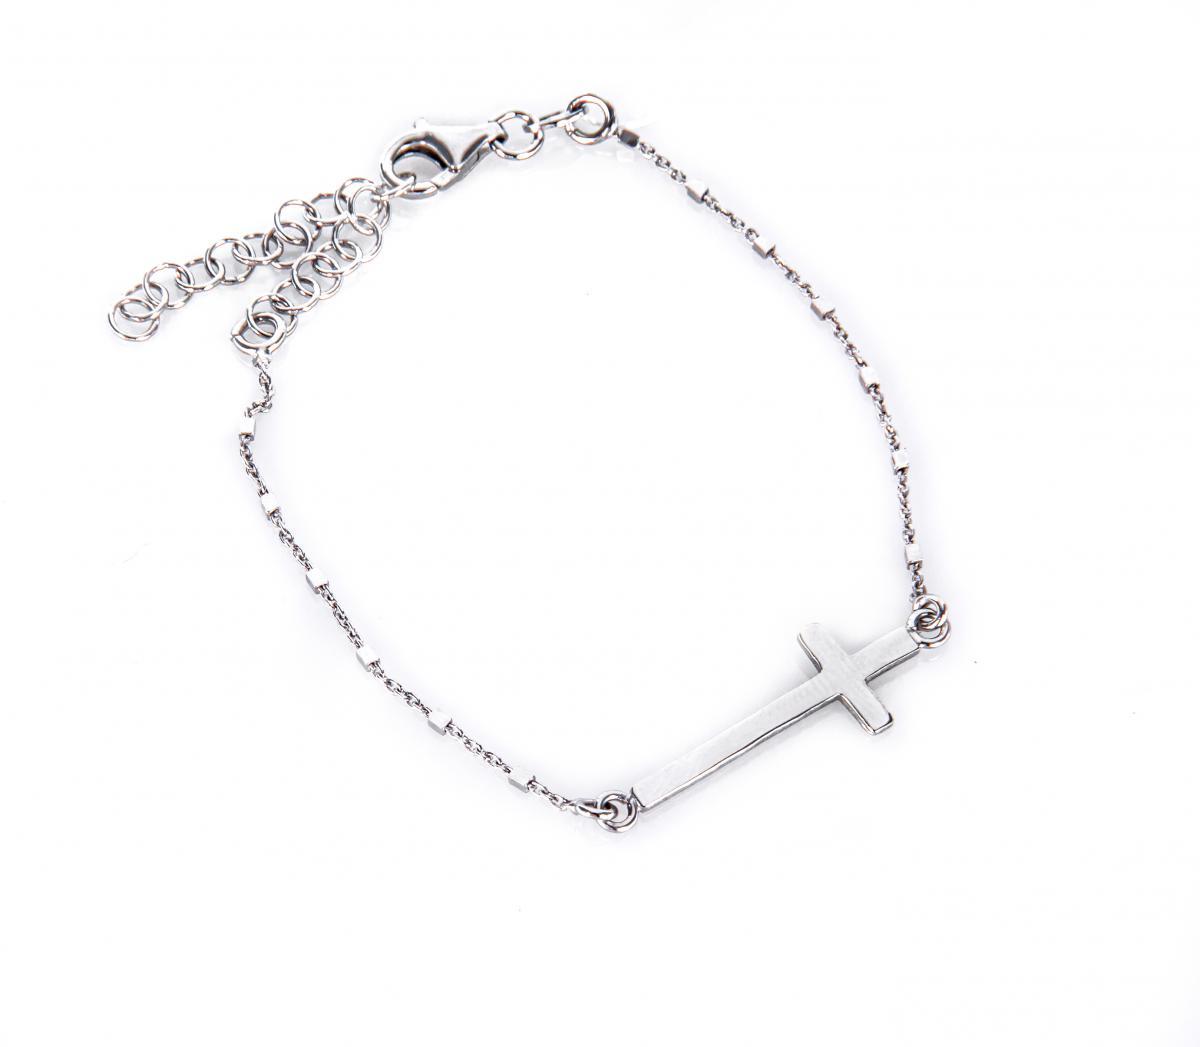 Браслет срібний з намистинками та хрестиком (розмір 21)